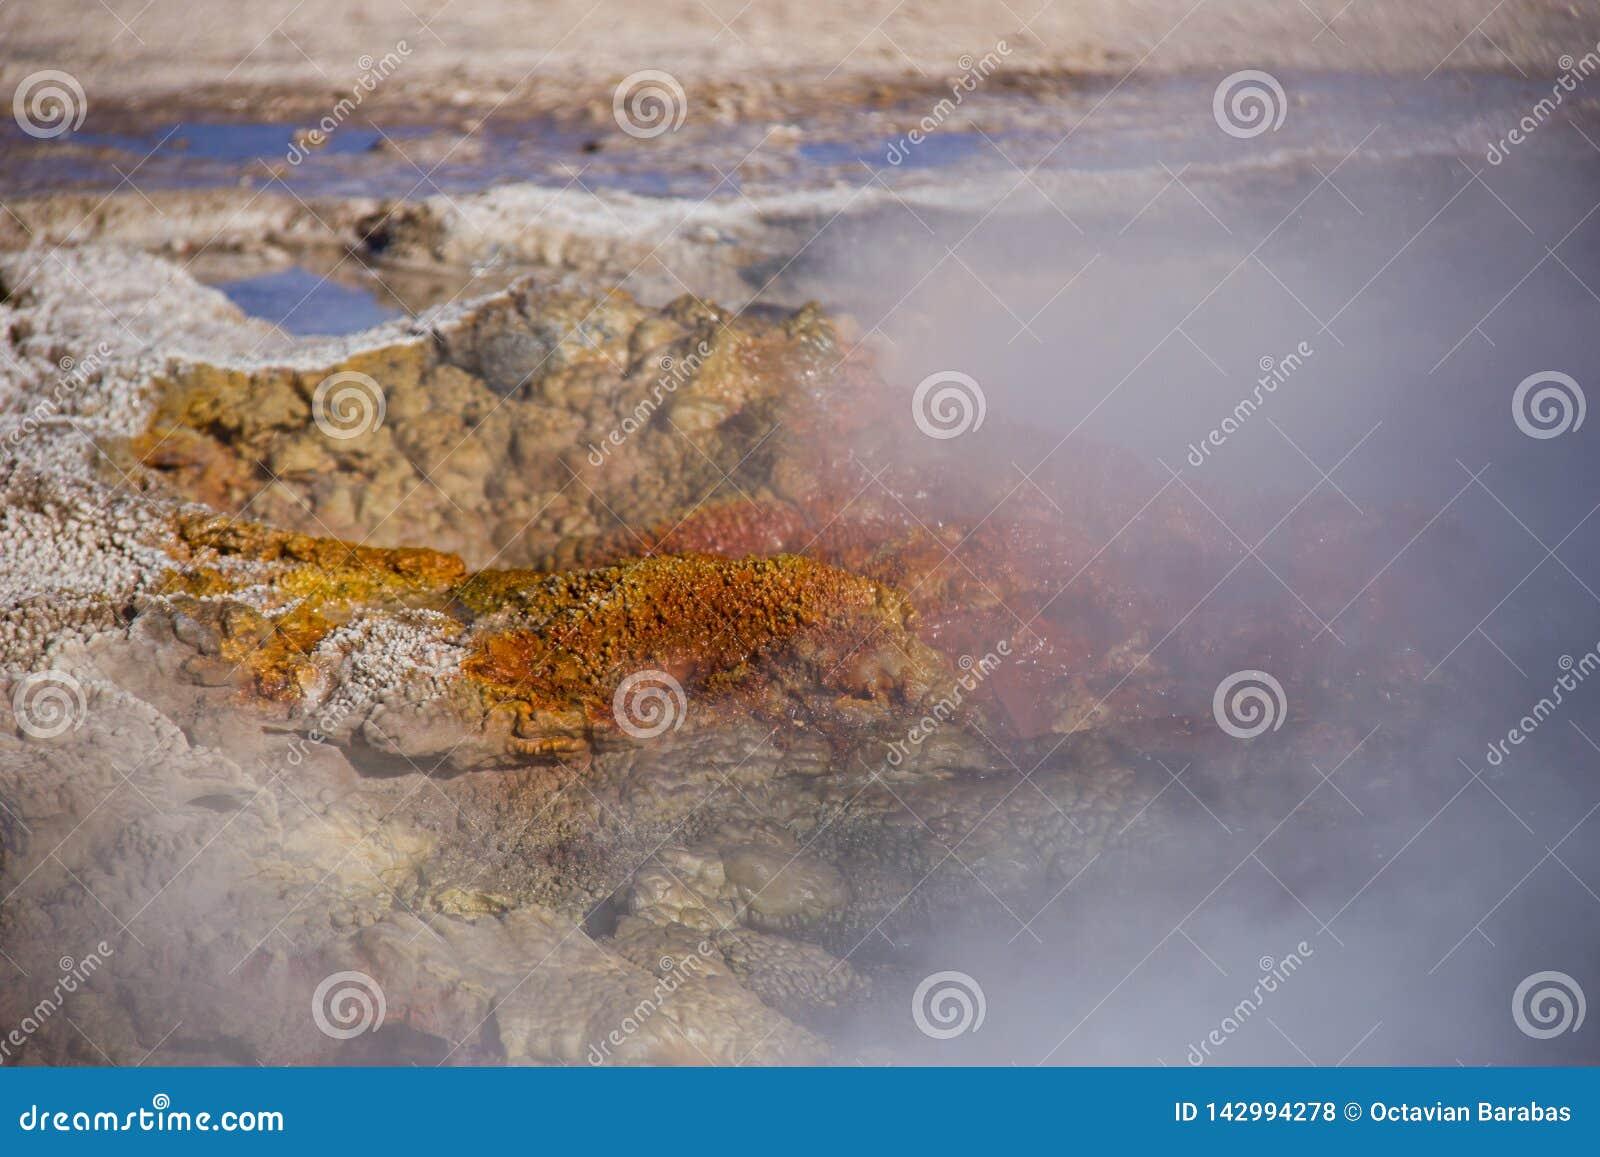 Varm rostig geyser som spiller vatten och ånga